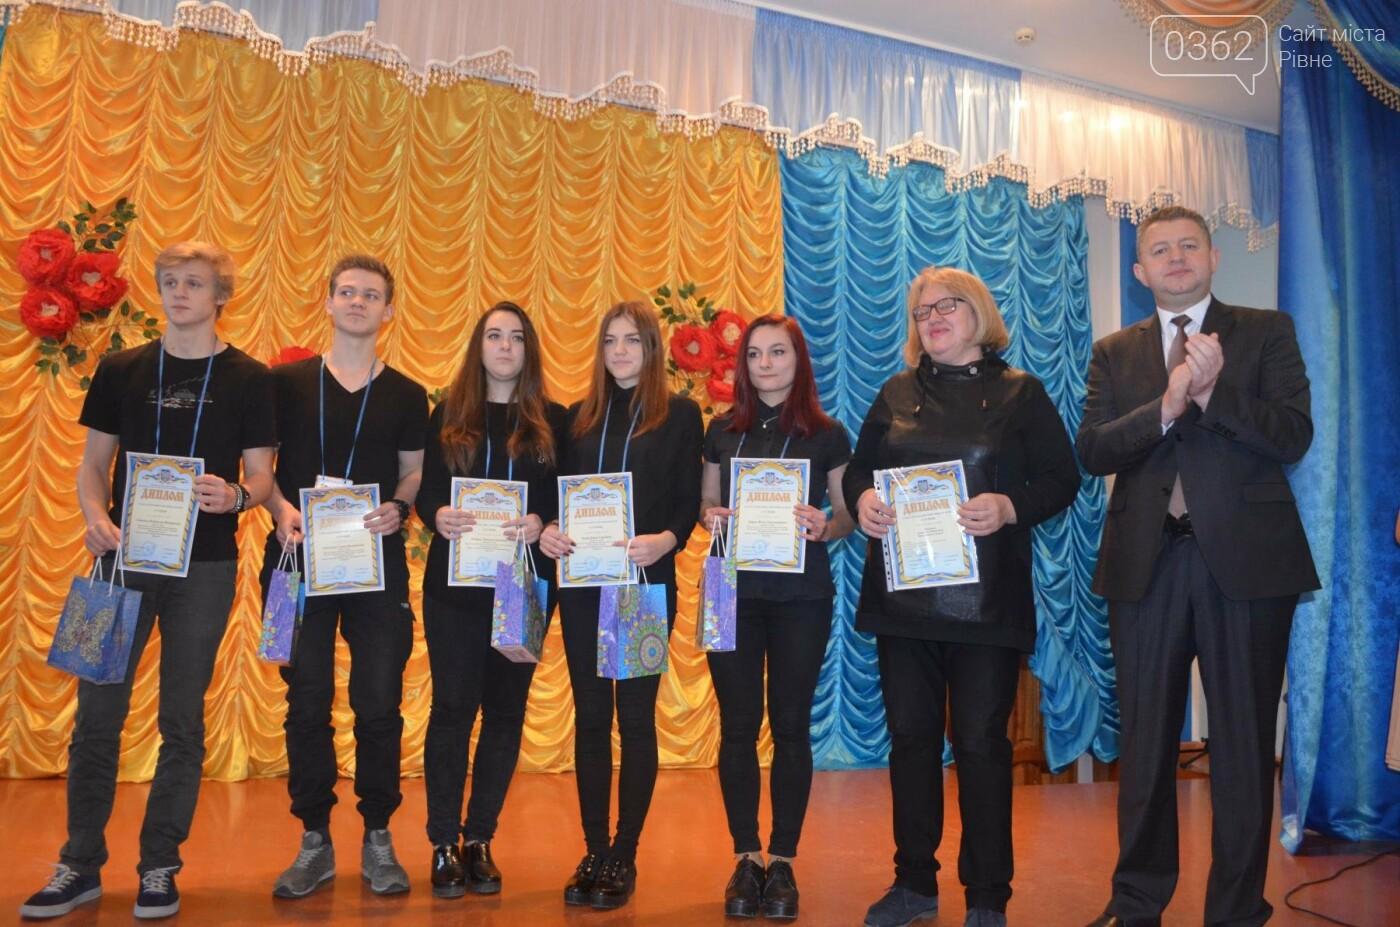 У Рівному визначено переможців Всеукраїнського турніру з біології, фото-1